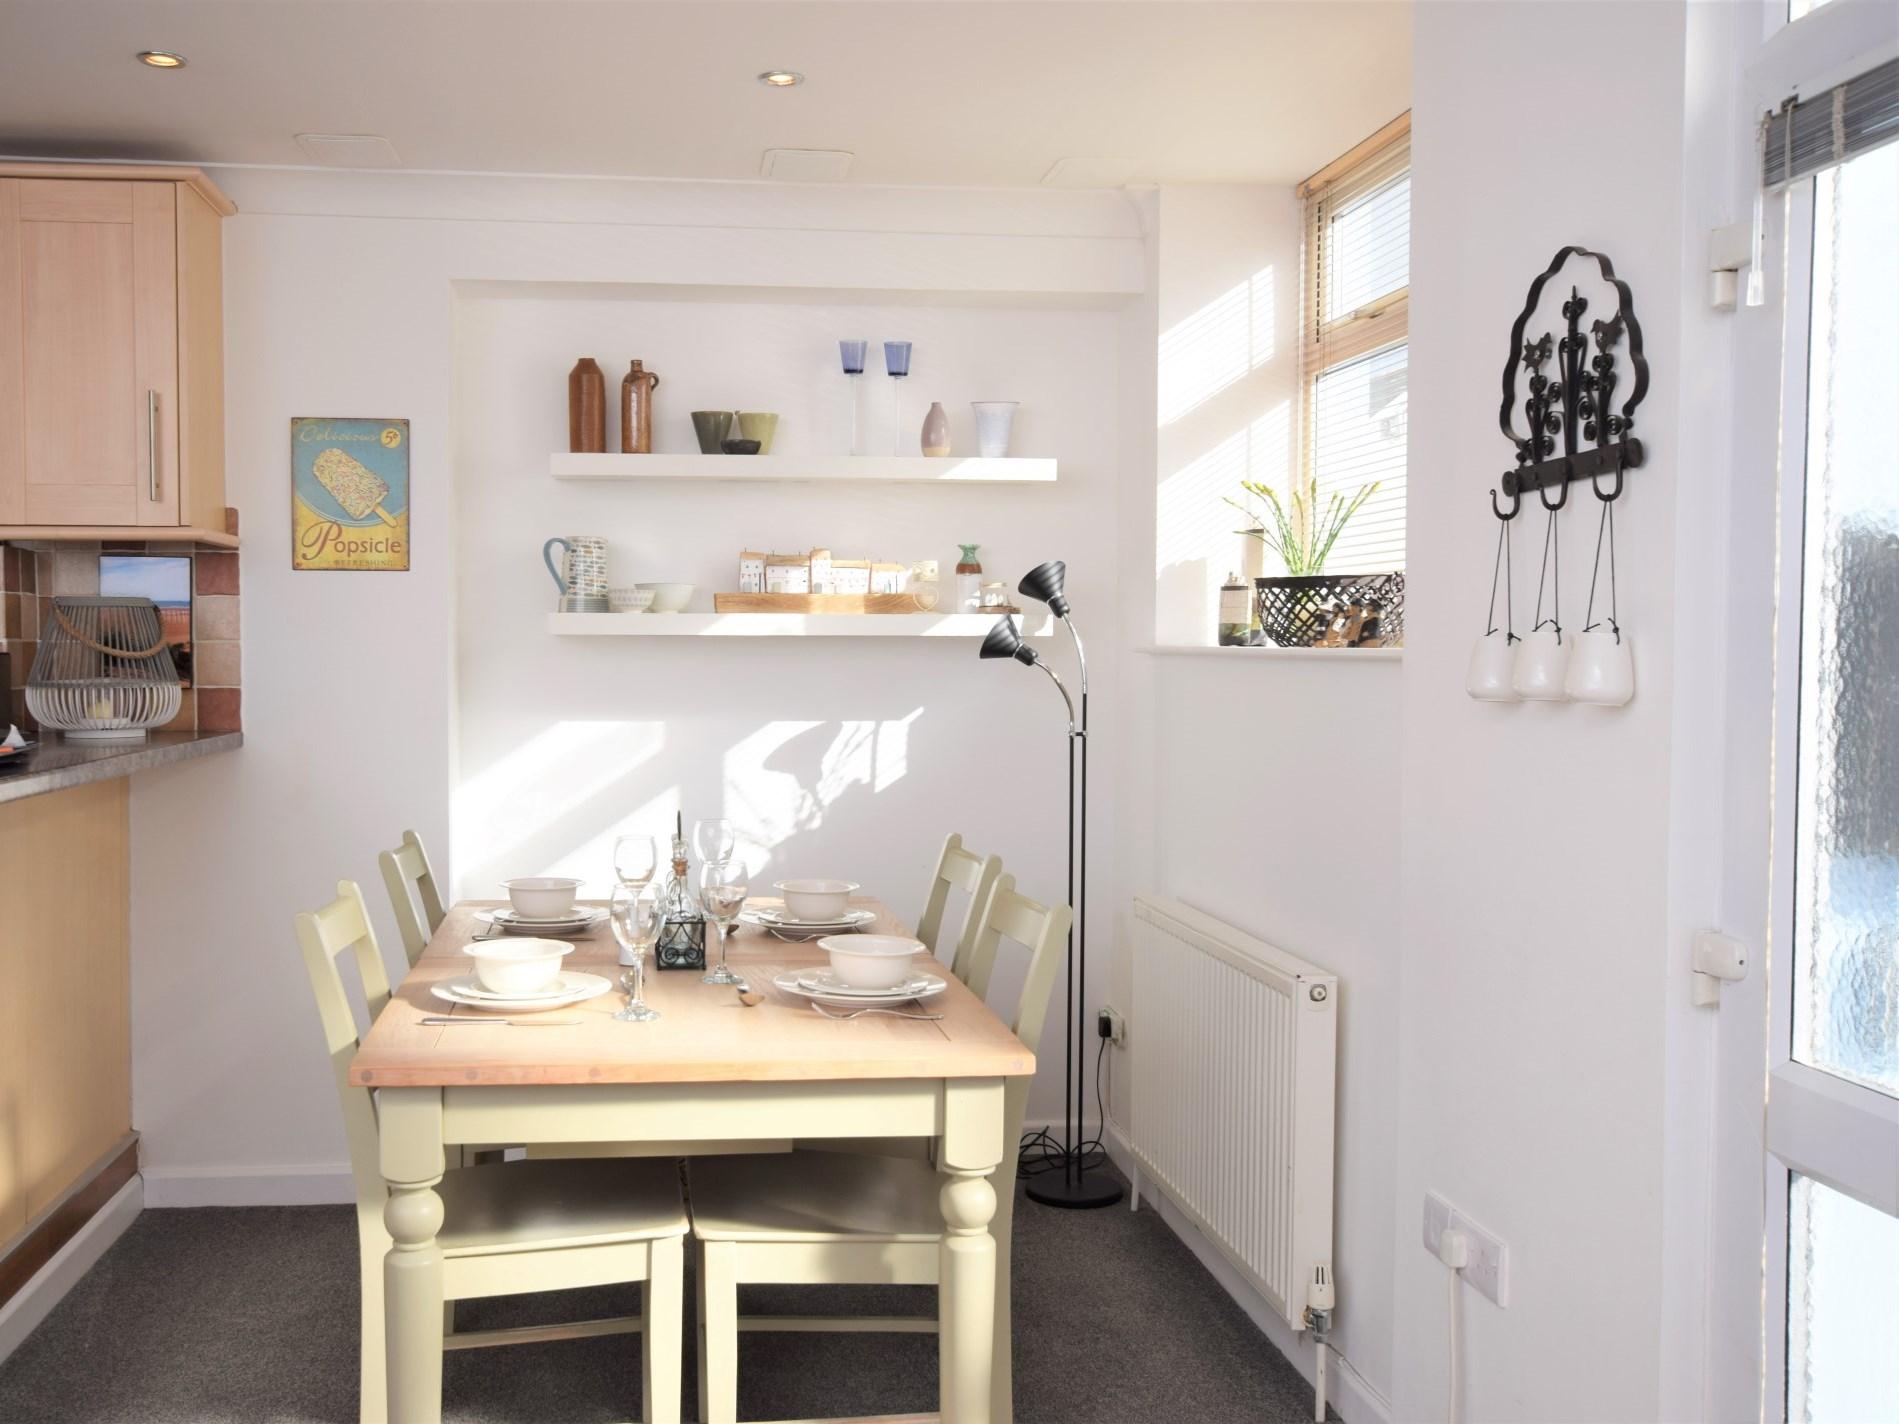 2 Bedroom Apartment in North Devon, Devon